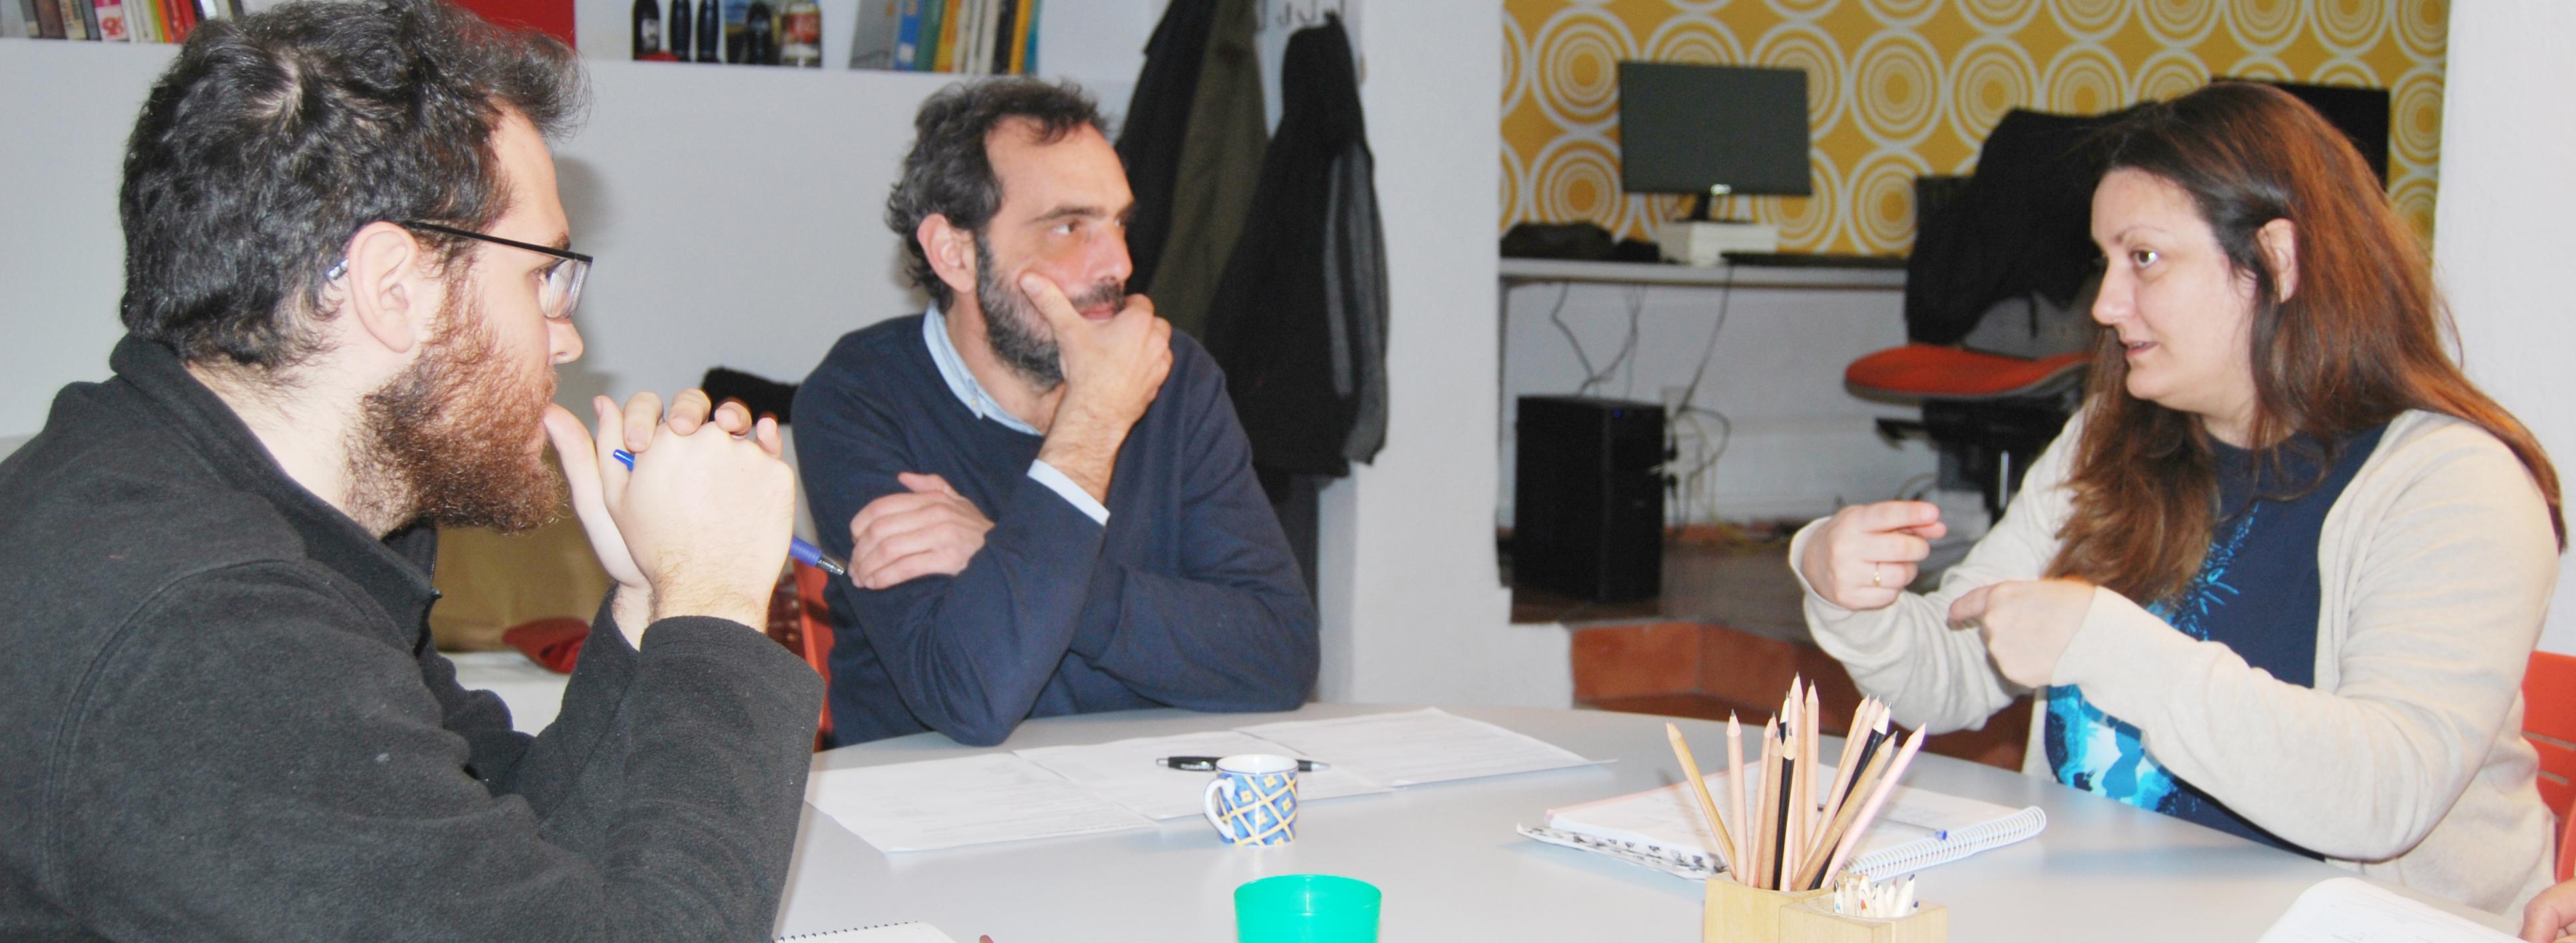 Fede Ruiz junto al equipo creativo de C3PO USALAFUERZA